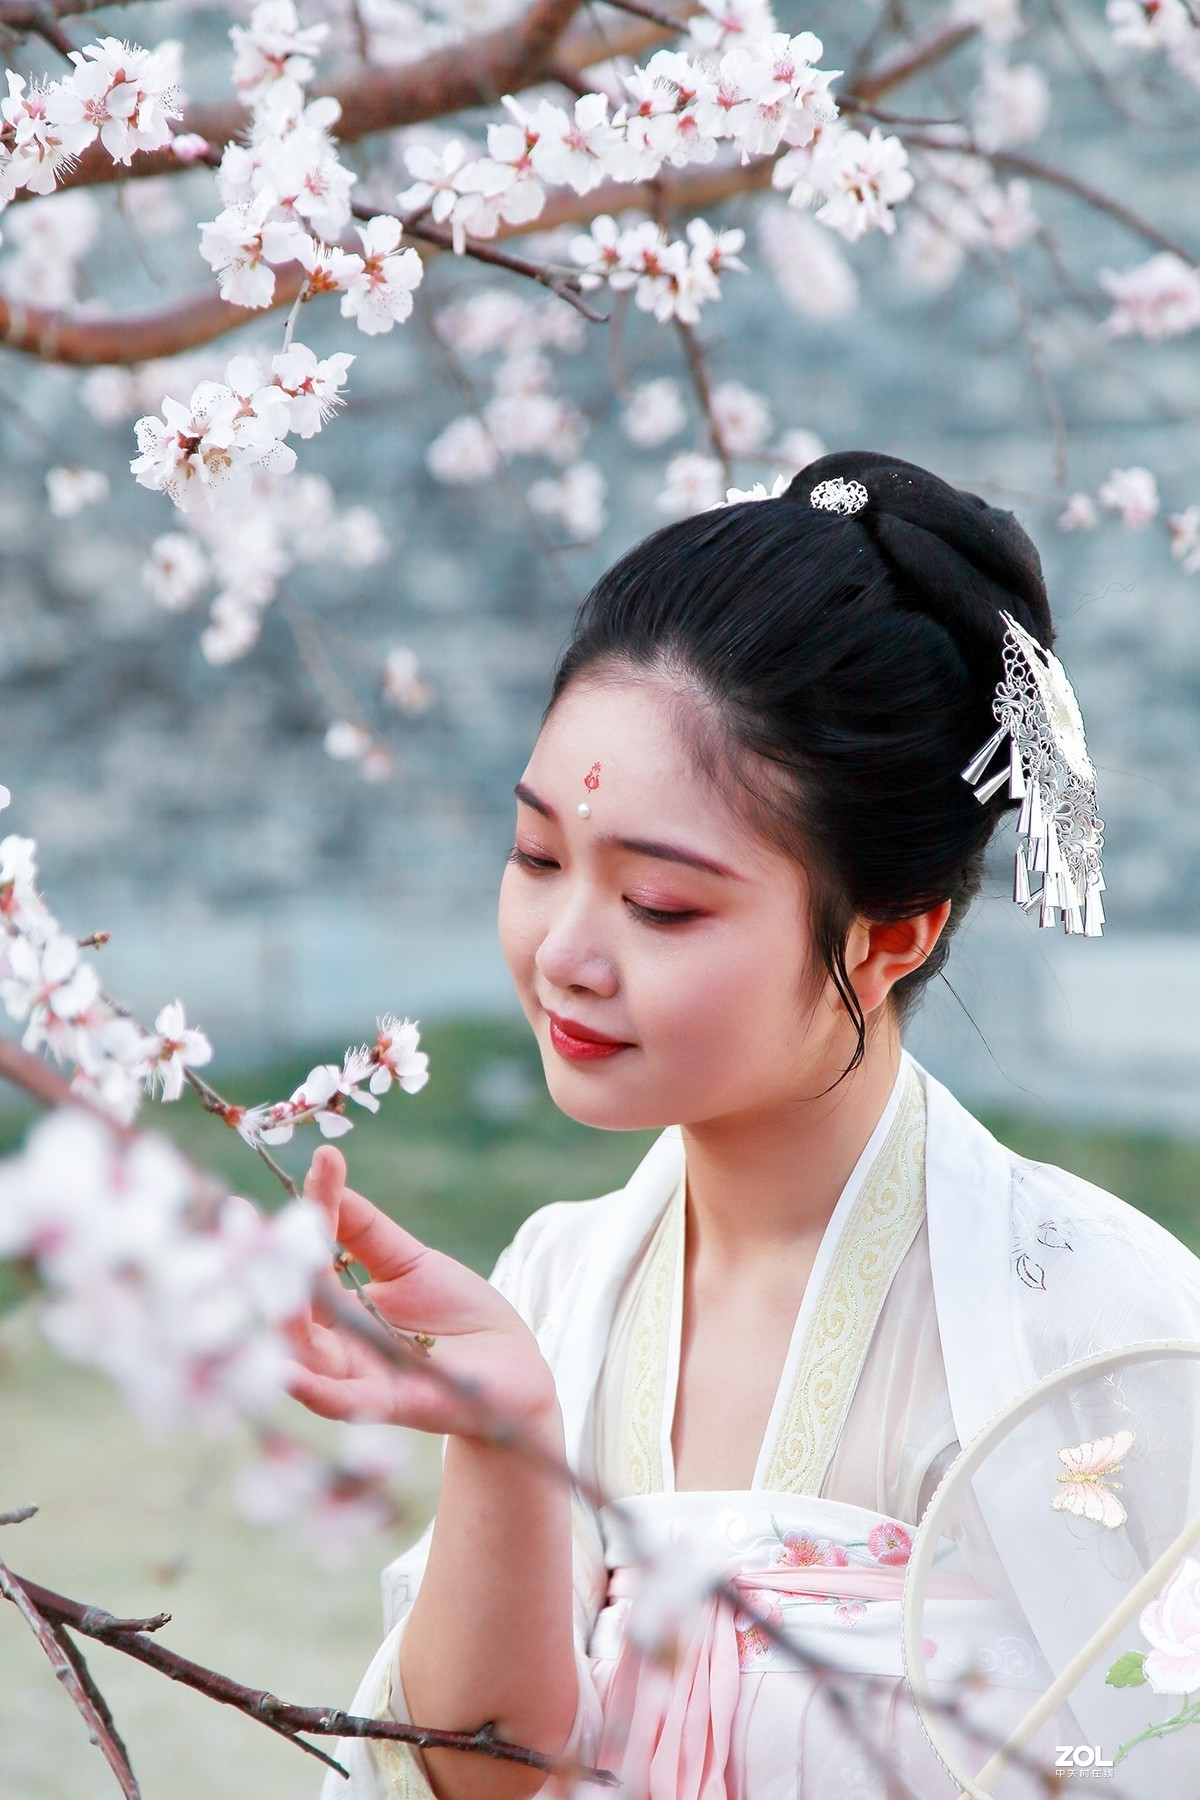 #回顾2019# 春到桃花源